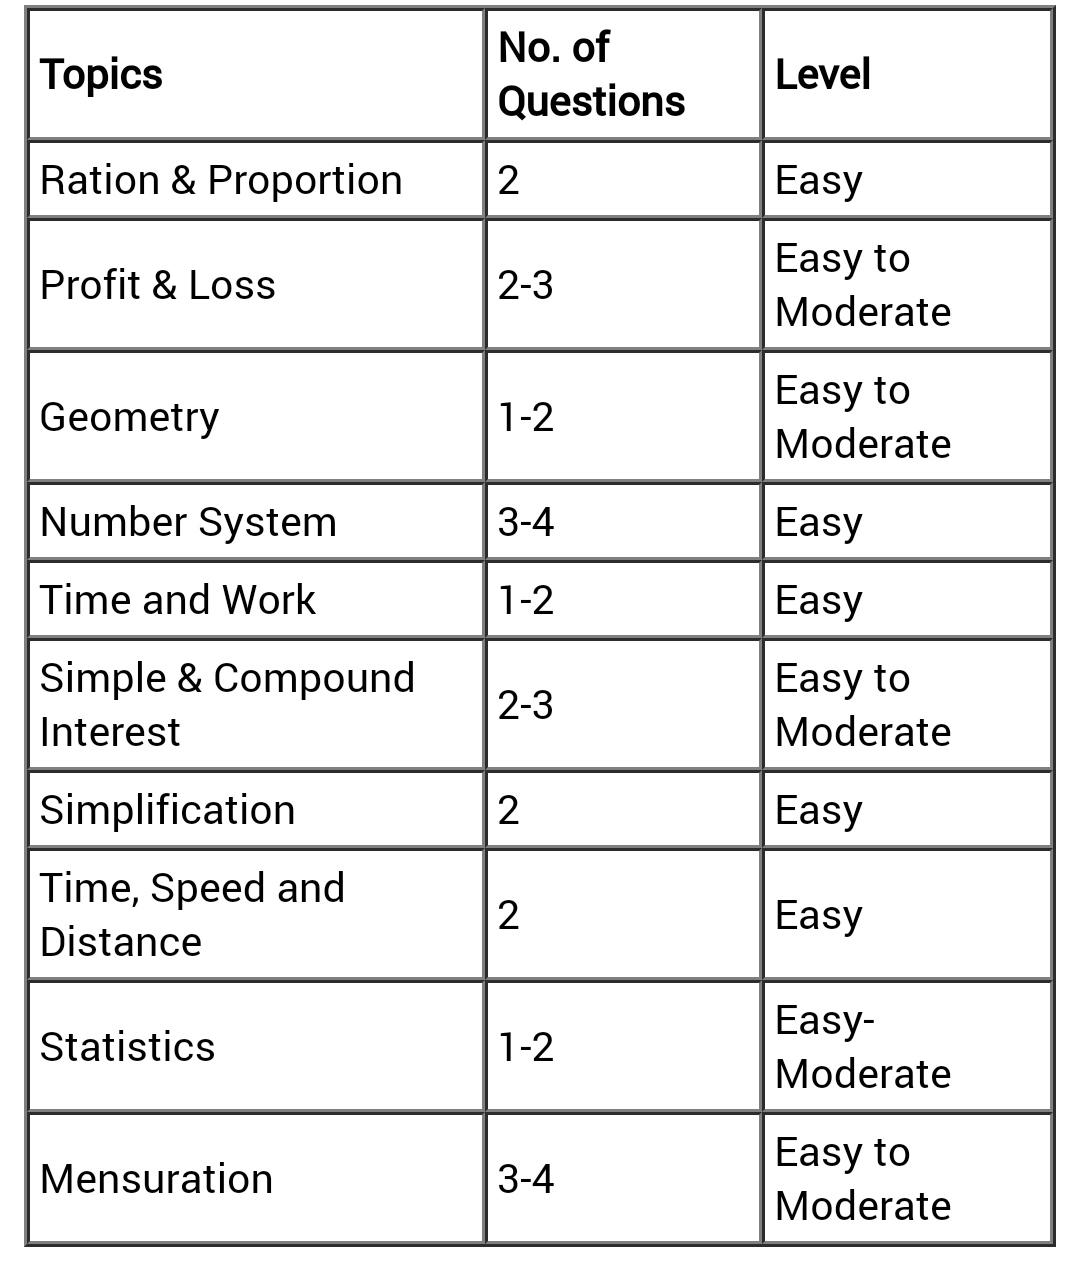 Mathematics section analysis गणित खंड आम तौर पर Arithmetic और Advanced math से प्रश्न सम्मिलित है। परीक्षा में इस खंड का स्तर मध्यम से आसान था। प्रश्नों का विषयवार वितरण नीचे प्रदान किया गया है।